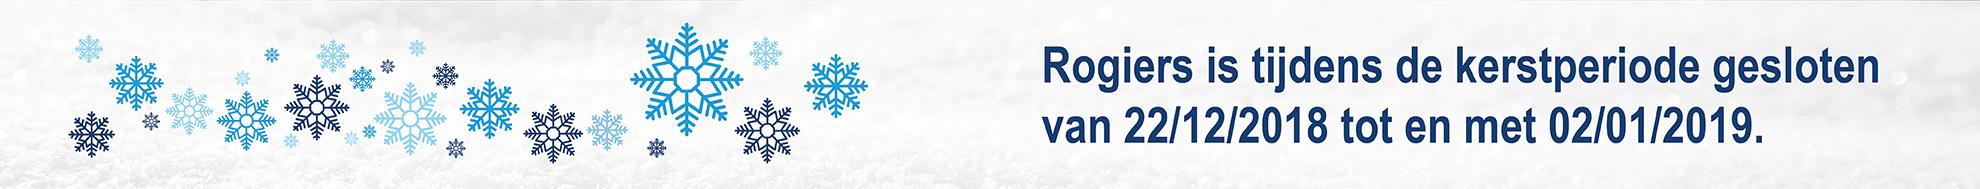 Kerstboodschap Rogiers website 2018 NL.png